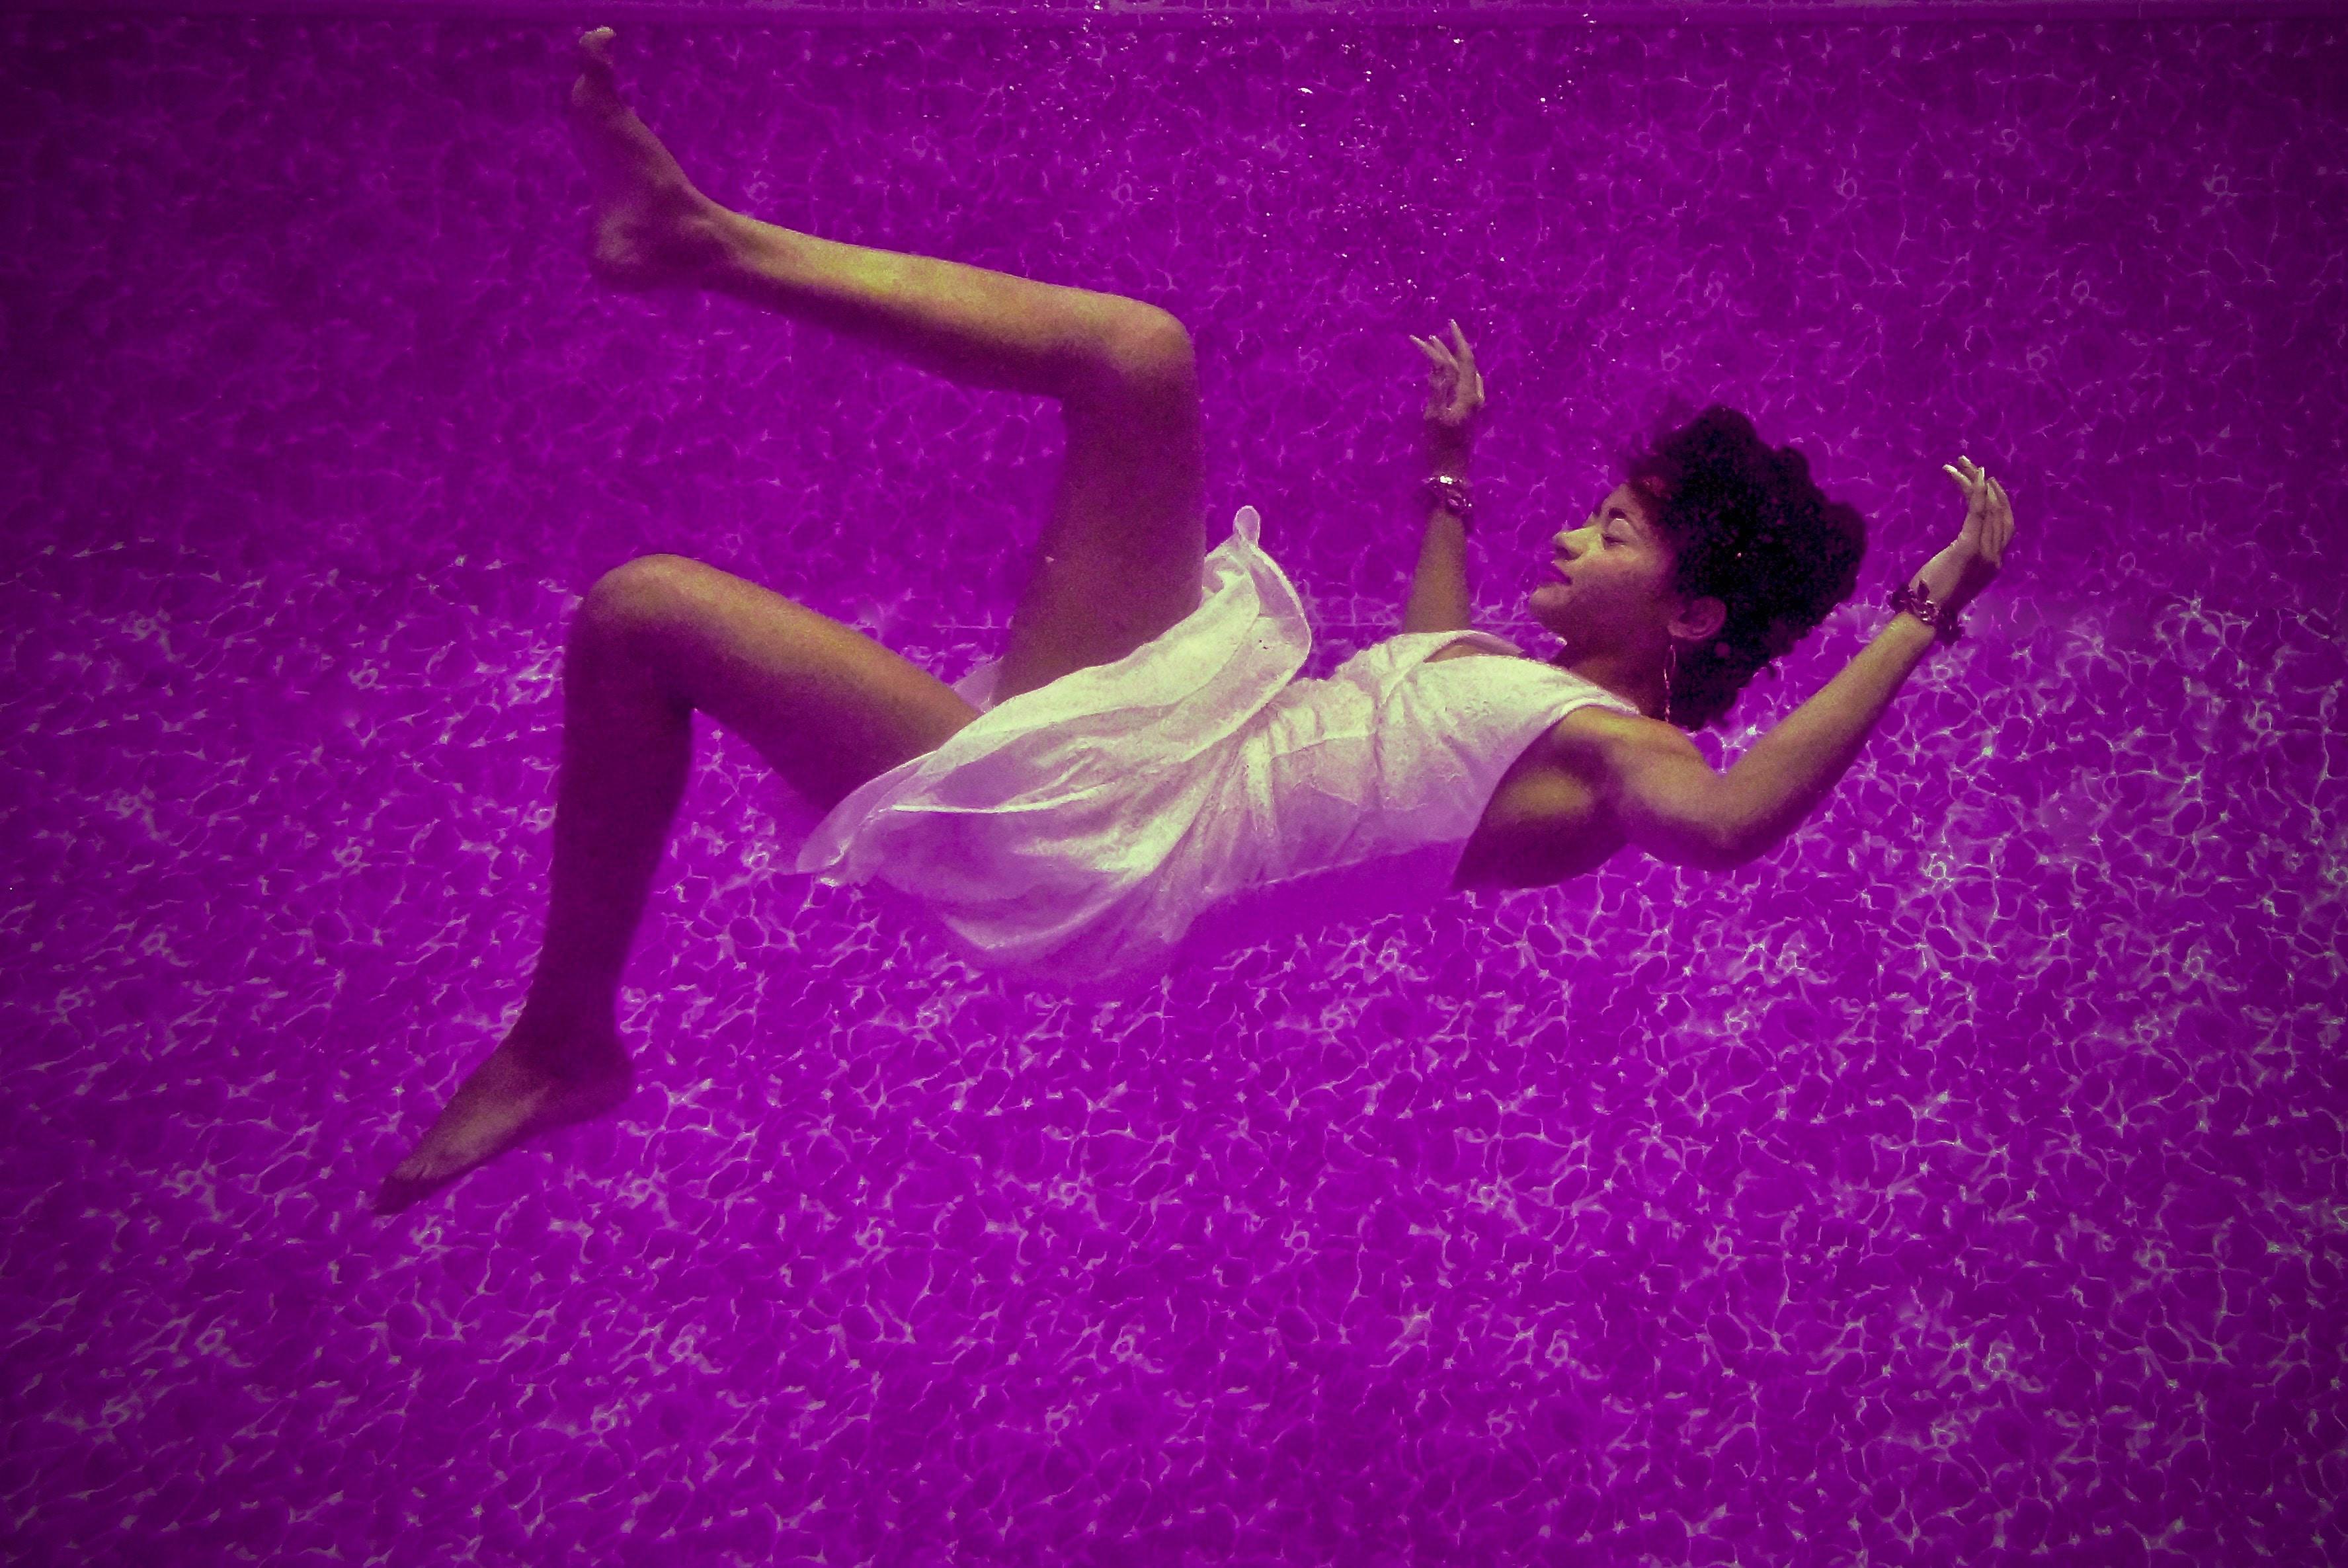 Une femme endormie coulant au fond d'une piscine